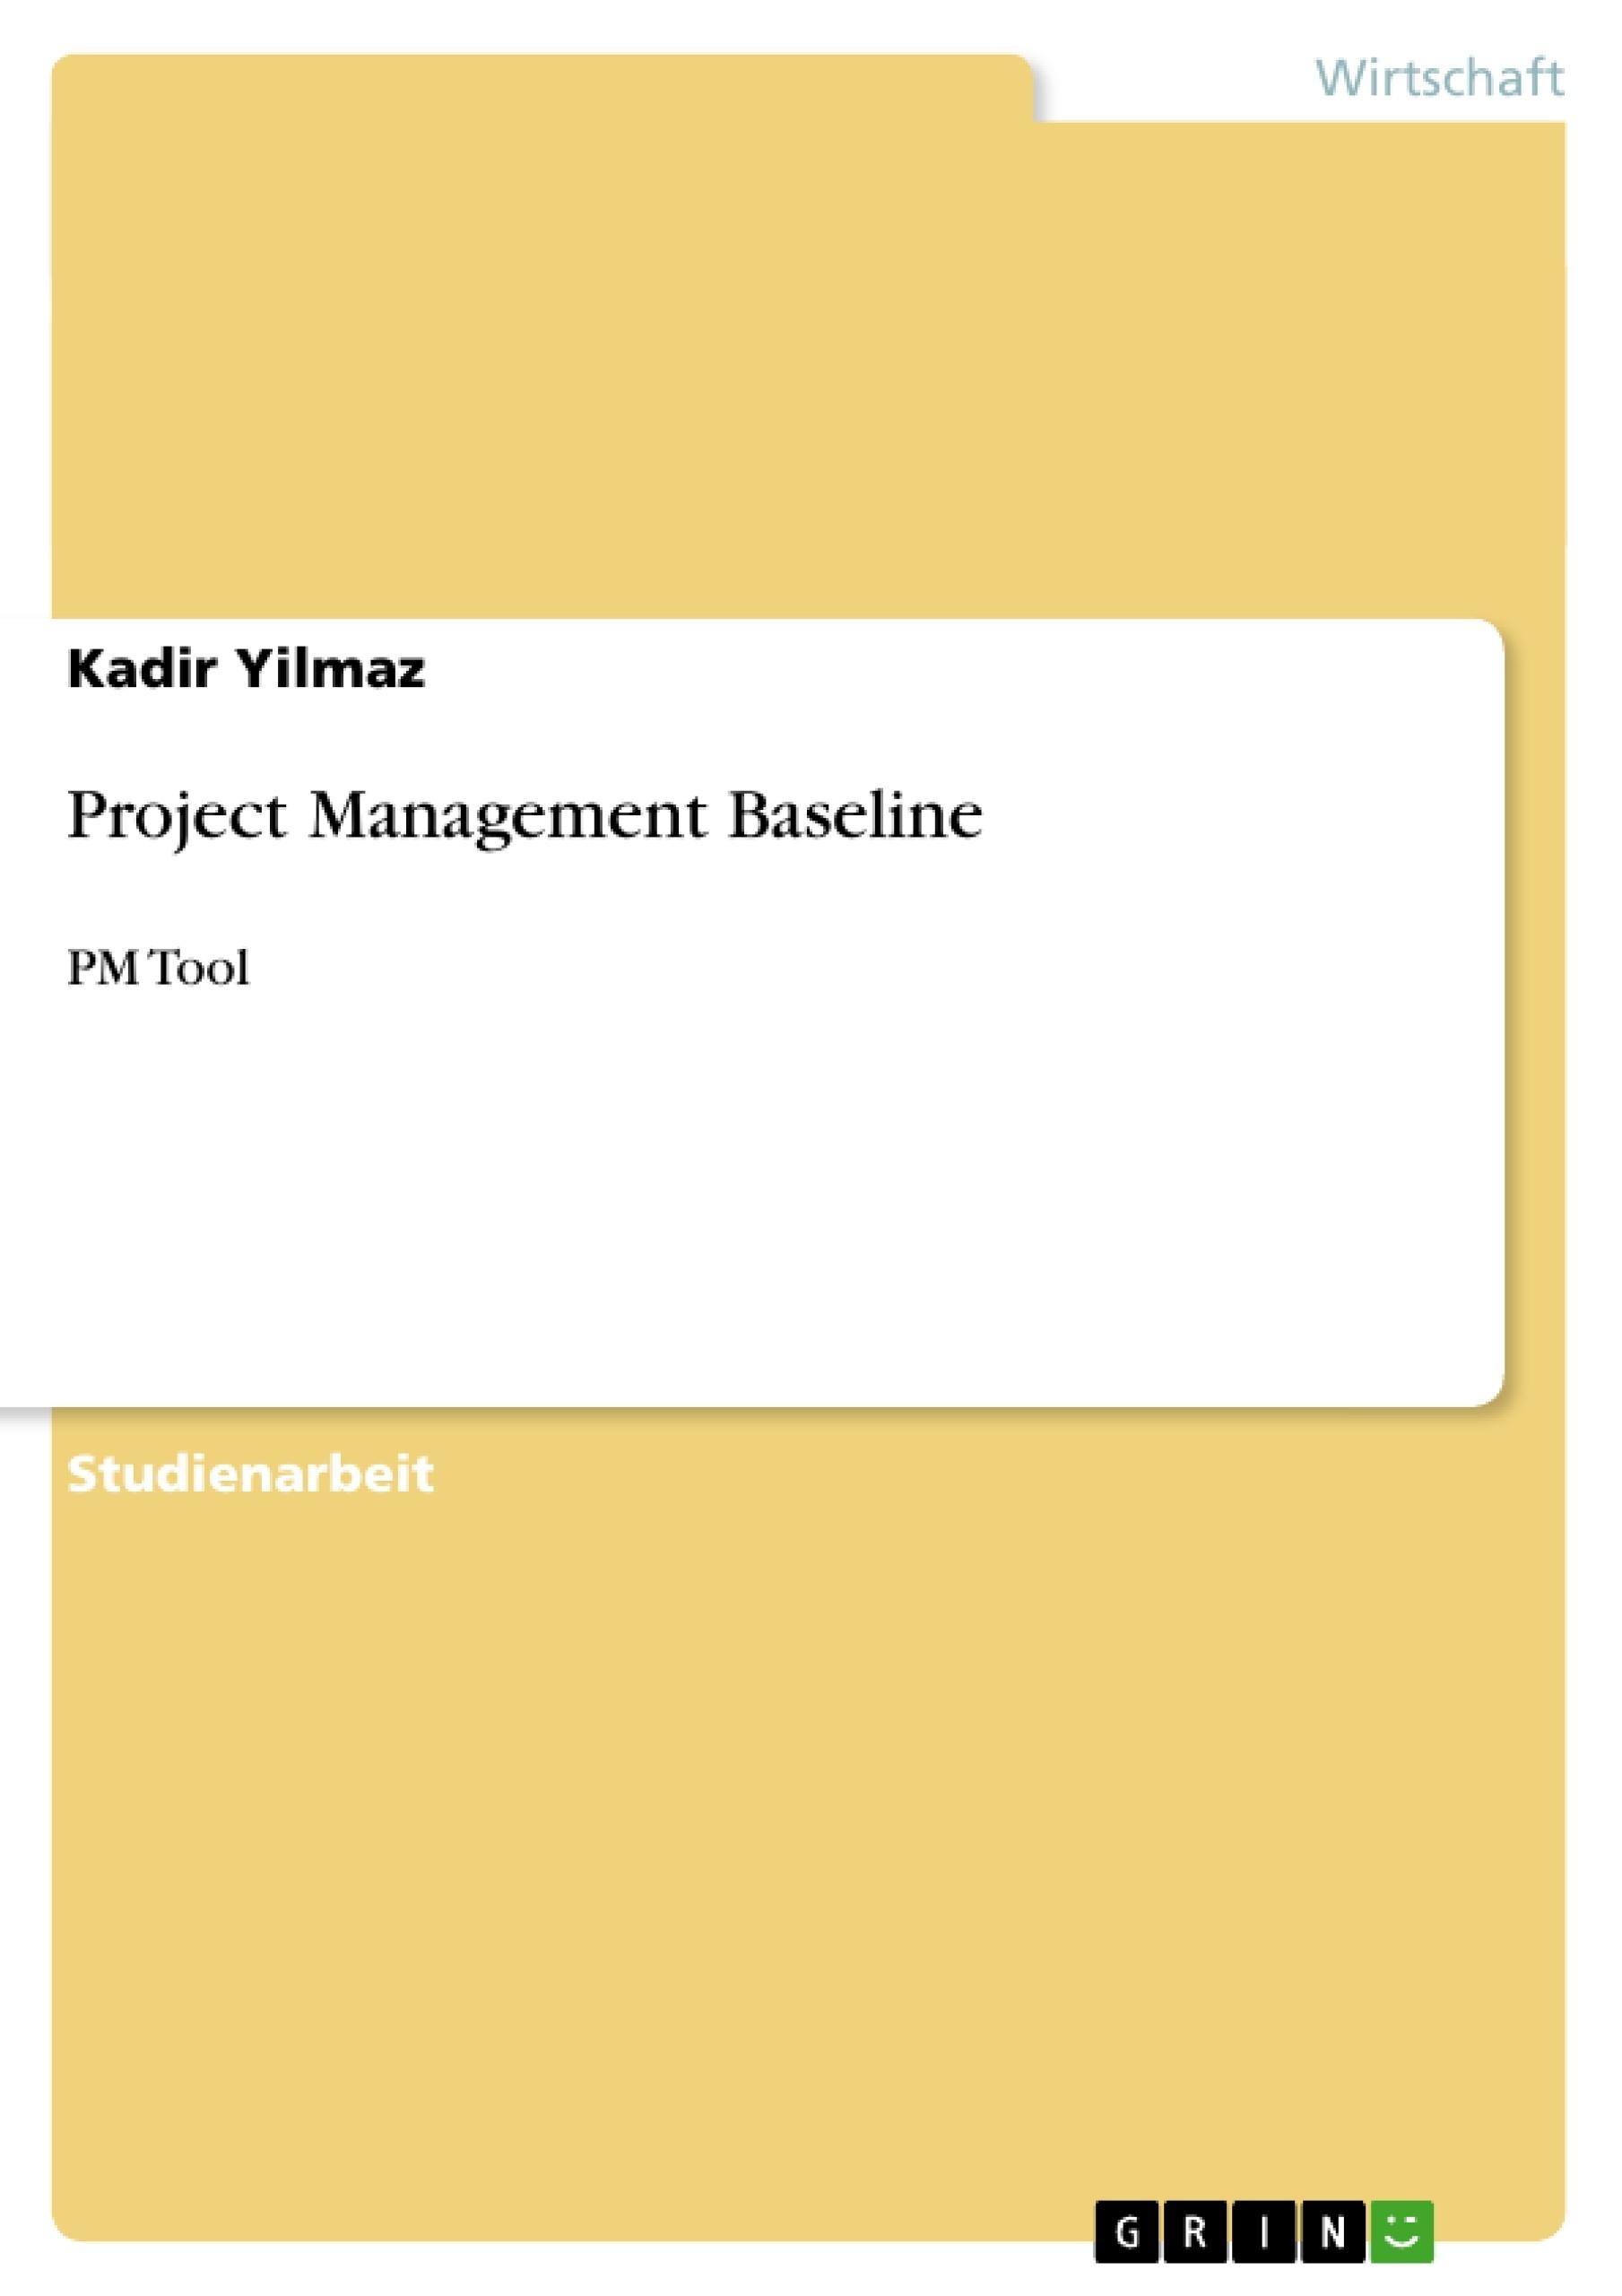 Titel: Project Management Baseline